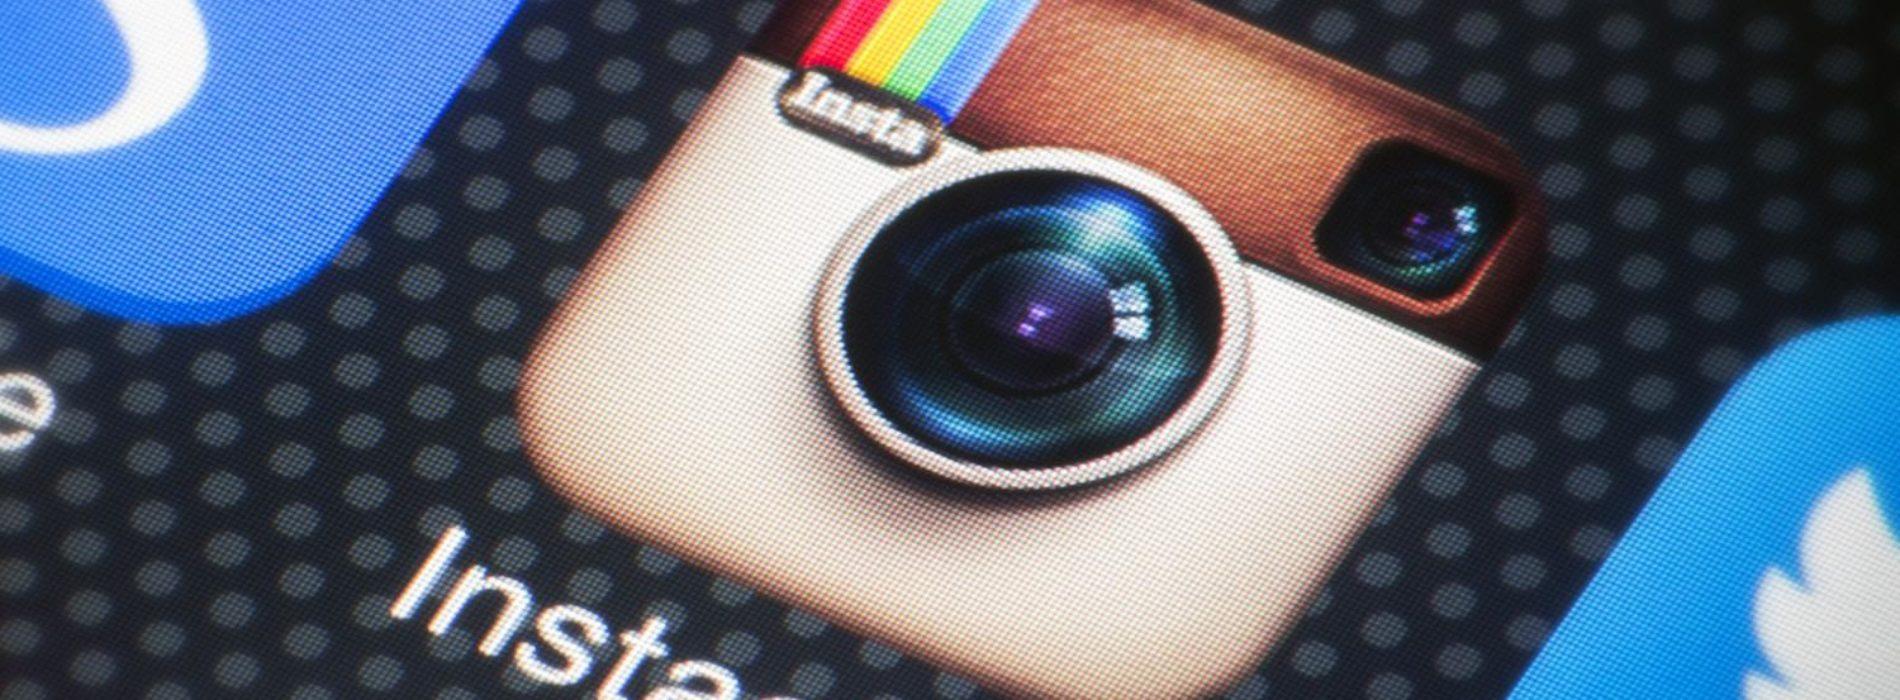 Czasem chciałabym zniknąć, zapomnieć o Instagramie. Ale to źle wpłynęłoby moją karierę